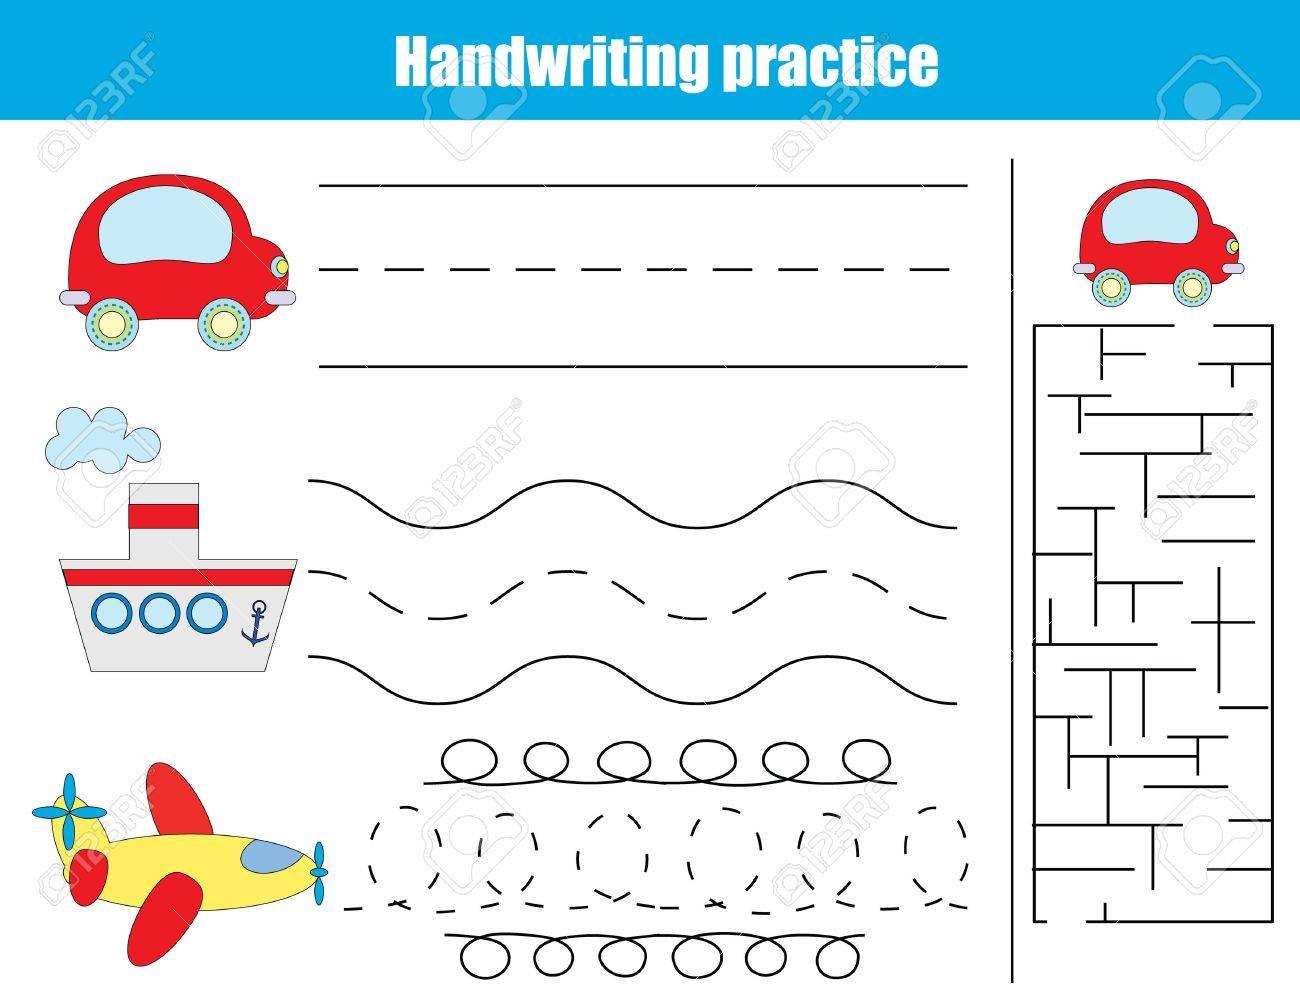 Hoja De La Práctica De Escritura A Mano Juego Educativo De Los Niños Writitng Formación Tema Del Transporte Conectar Los Puntos Y Resolver La